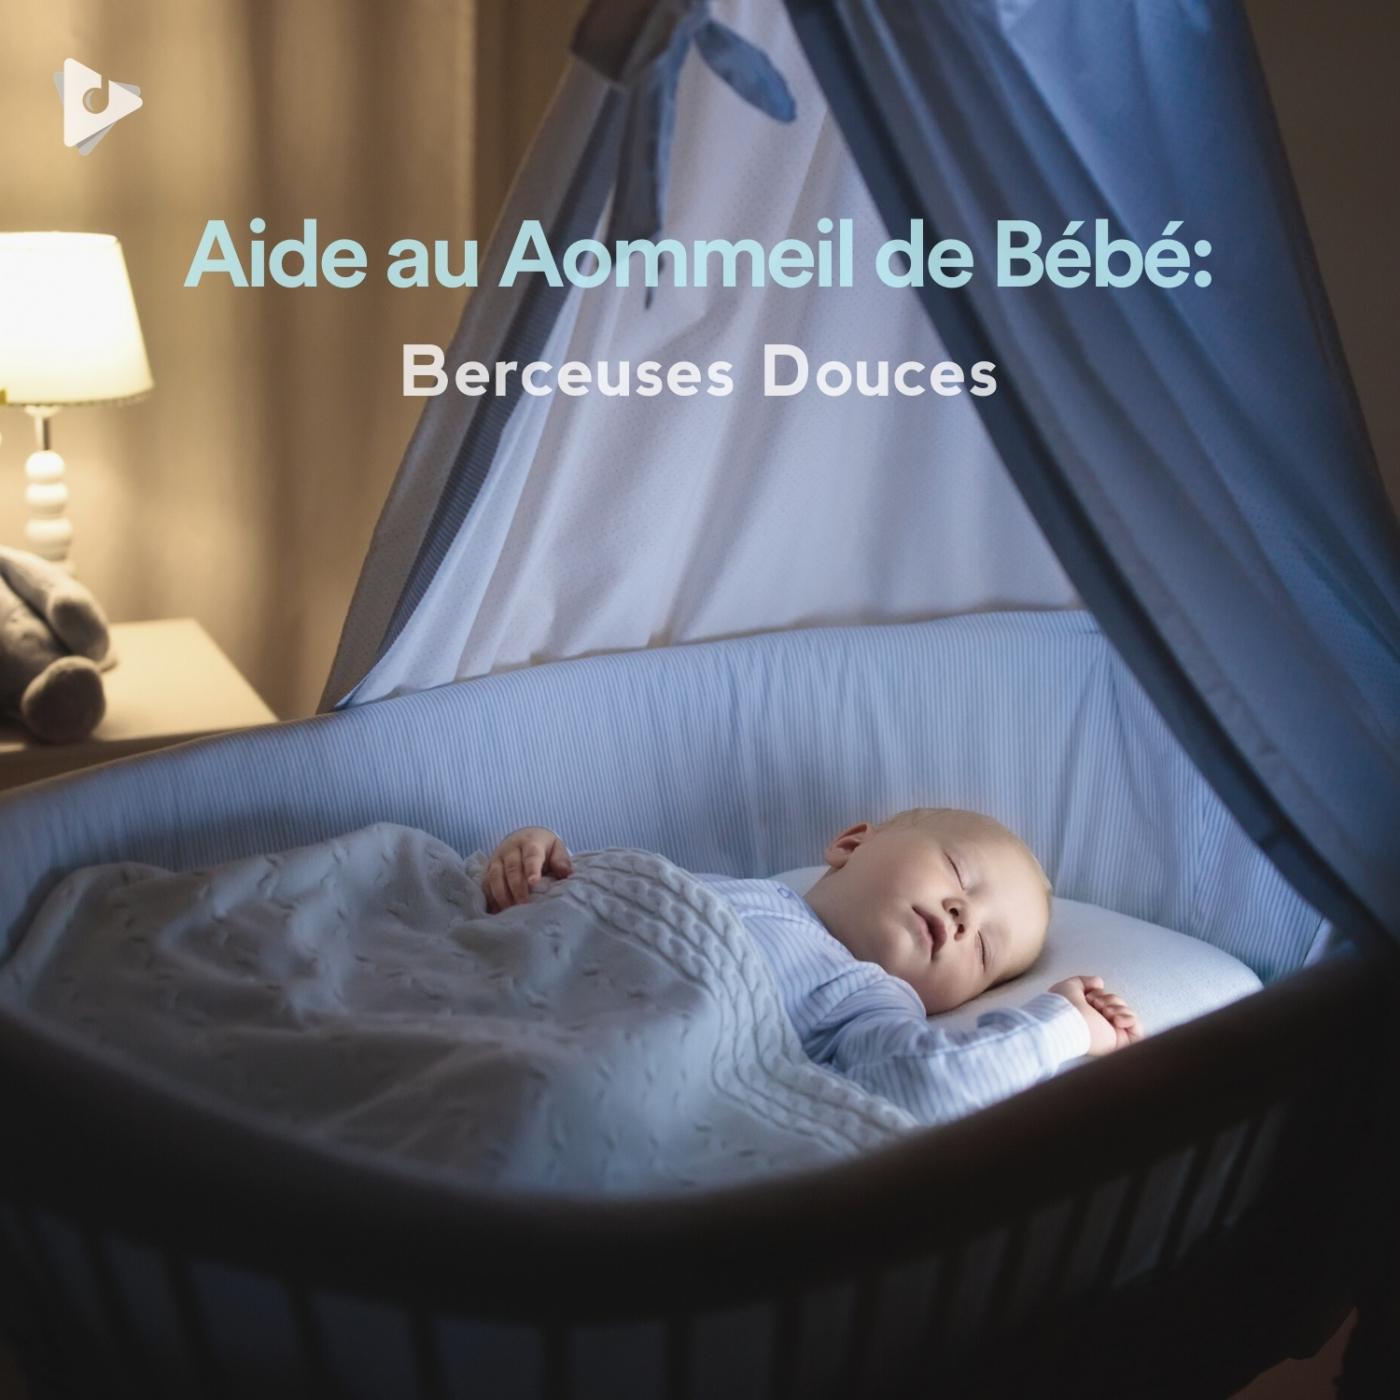 Aide au Aommeil de Bébé: Berceuses Douces